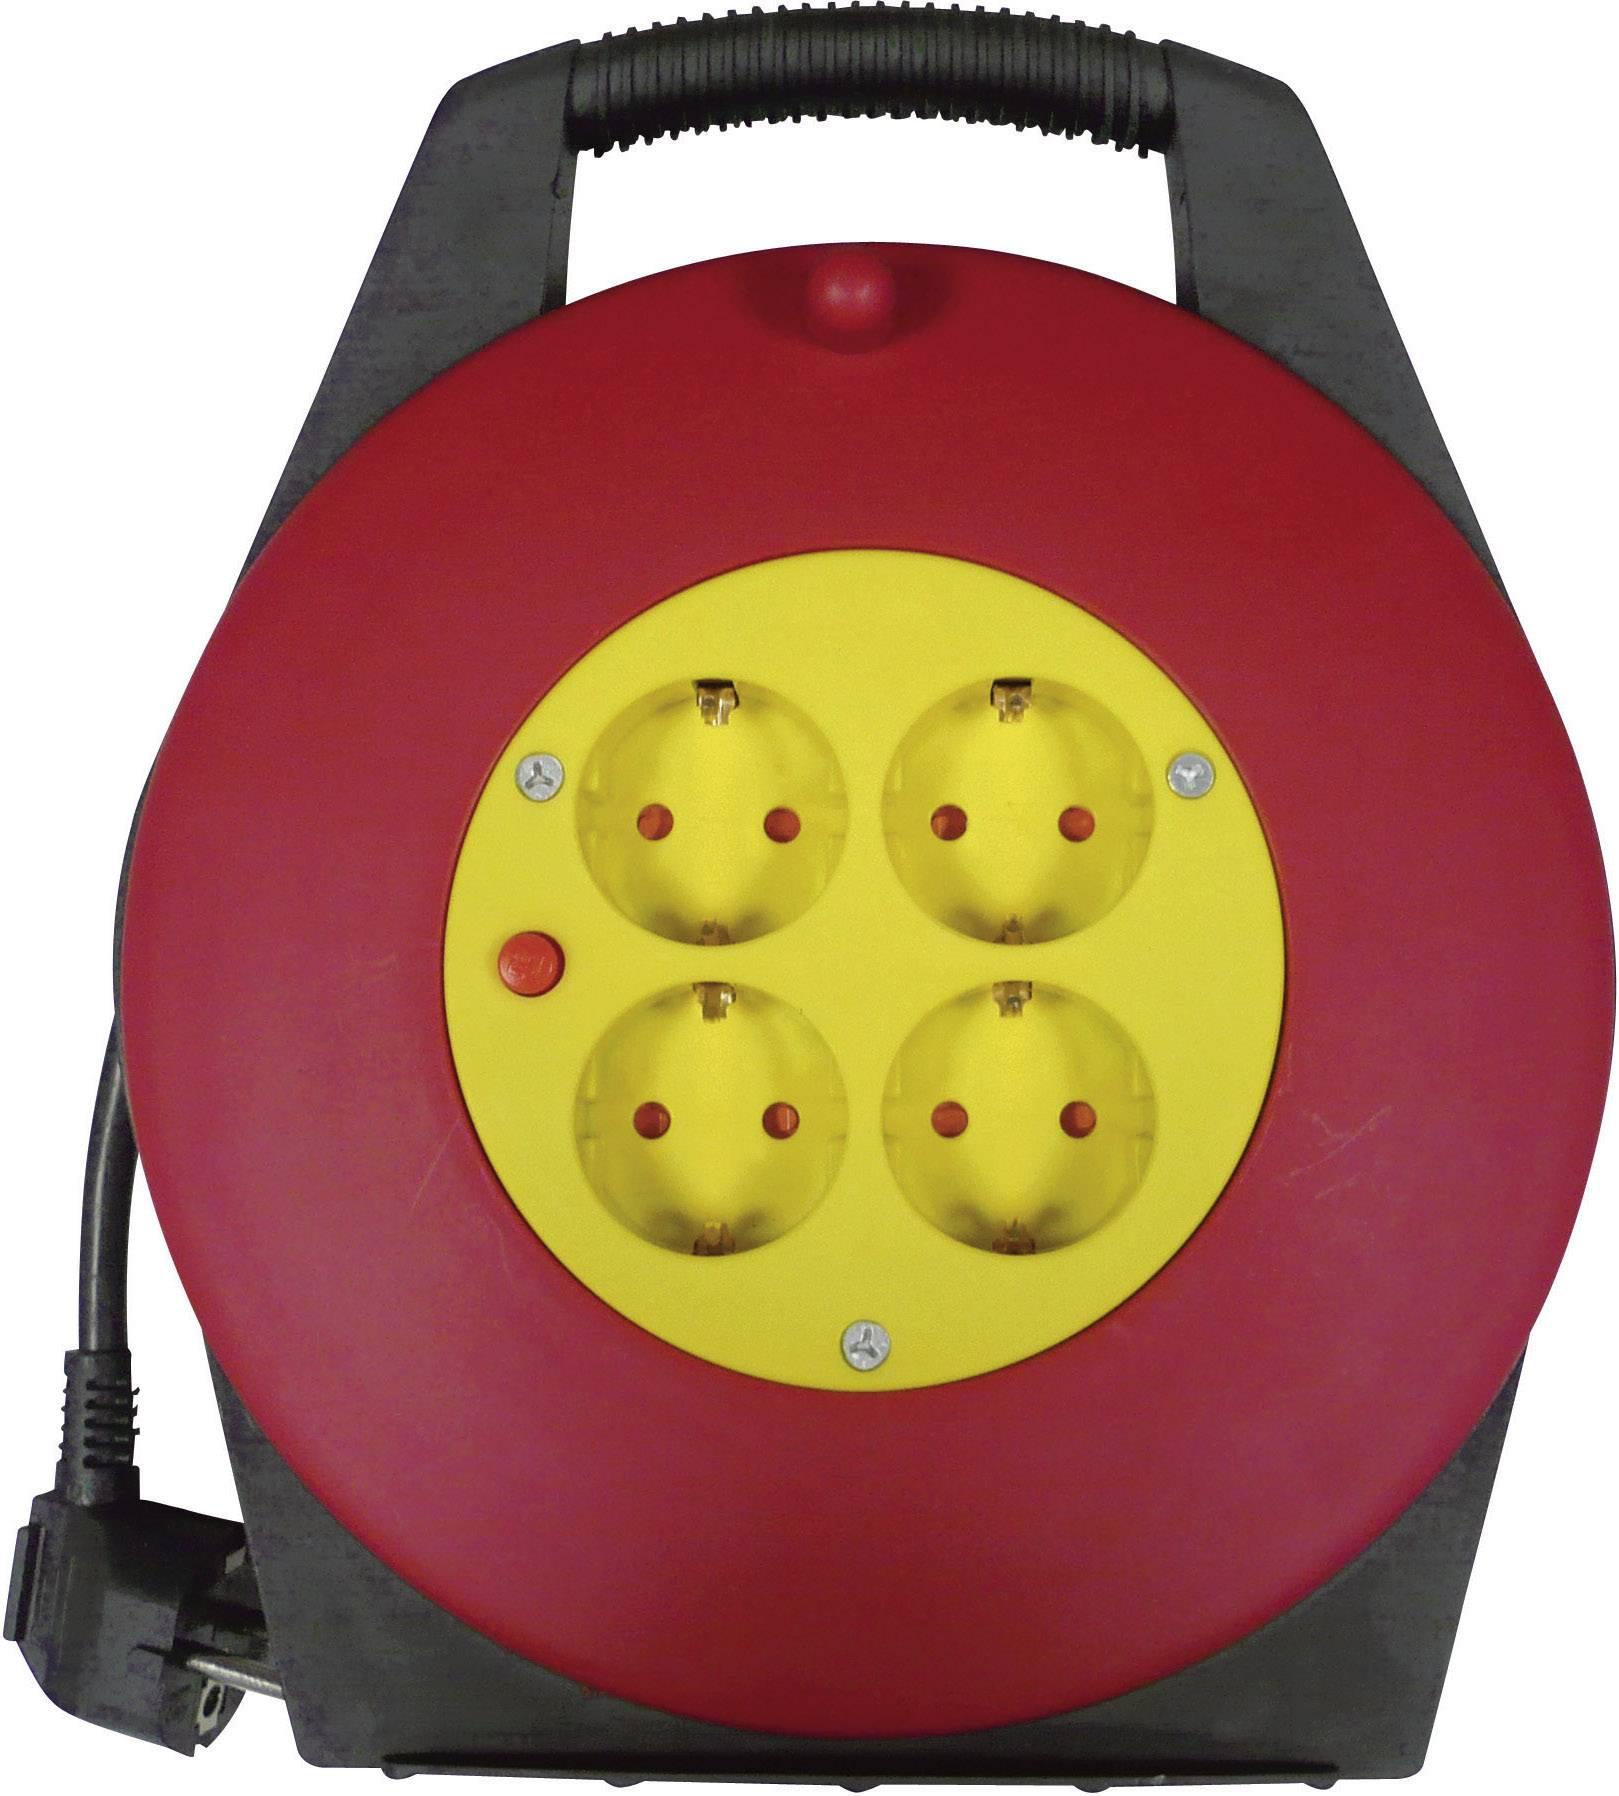 Kabelový buben, 4 zásuvky, 10 m, 230 V, černá, červená